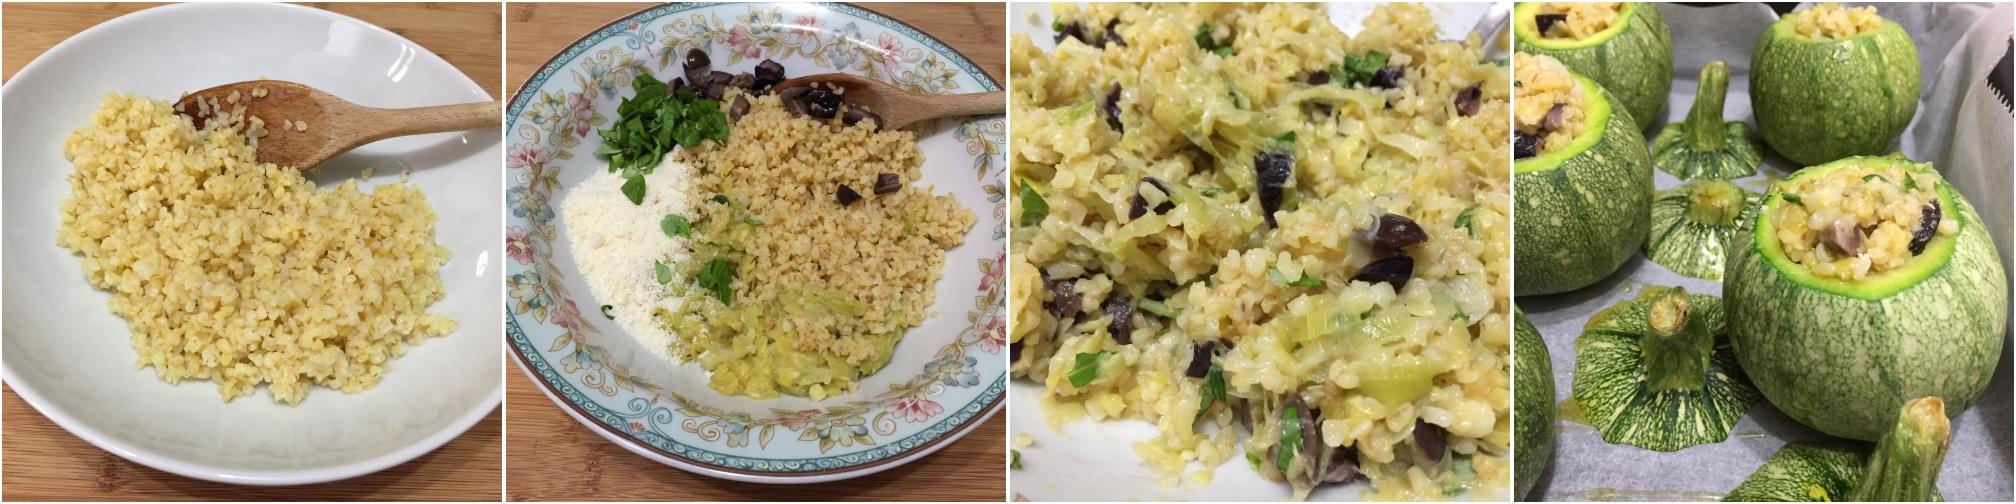 procedimento zucchine tonde ripiene di bulgur e olive nere